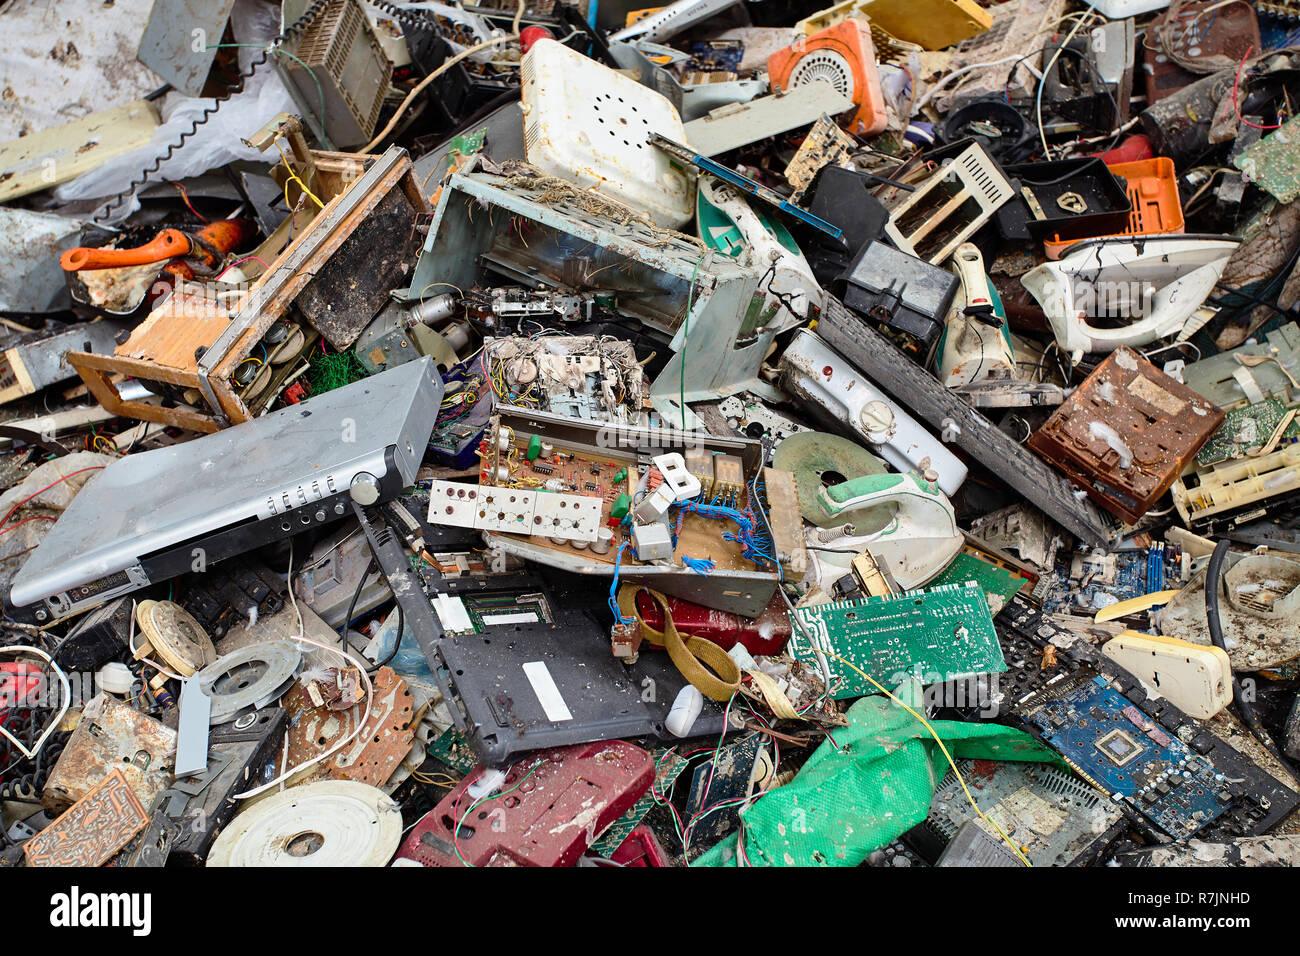 L'usine moderne de tri et recyclage des déchets. Les déchets électroniques sont triés et préparés pour la suite du traitement de réutilisation. Préservation de l'environnement Photo Stock